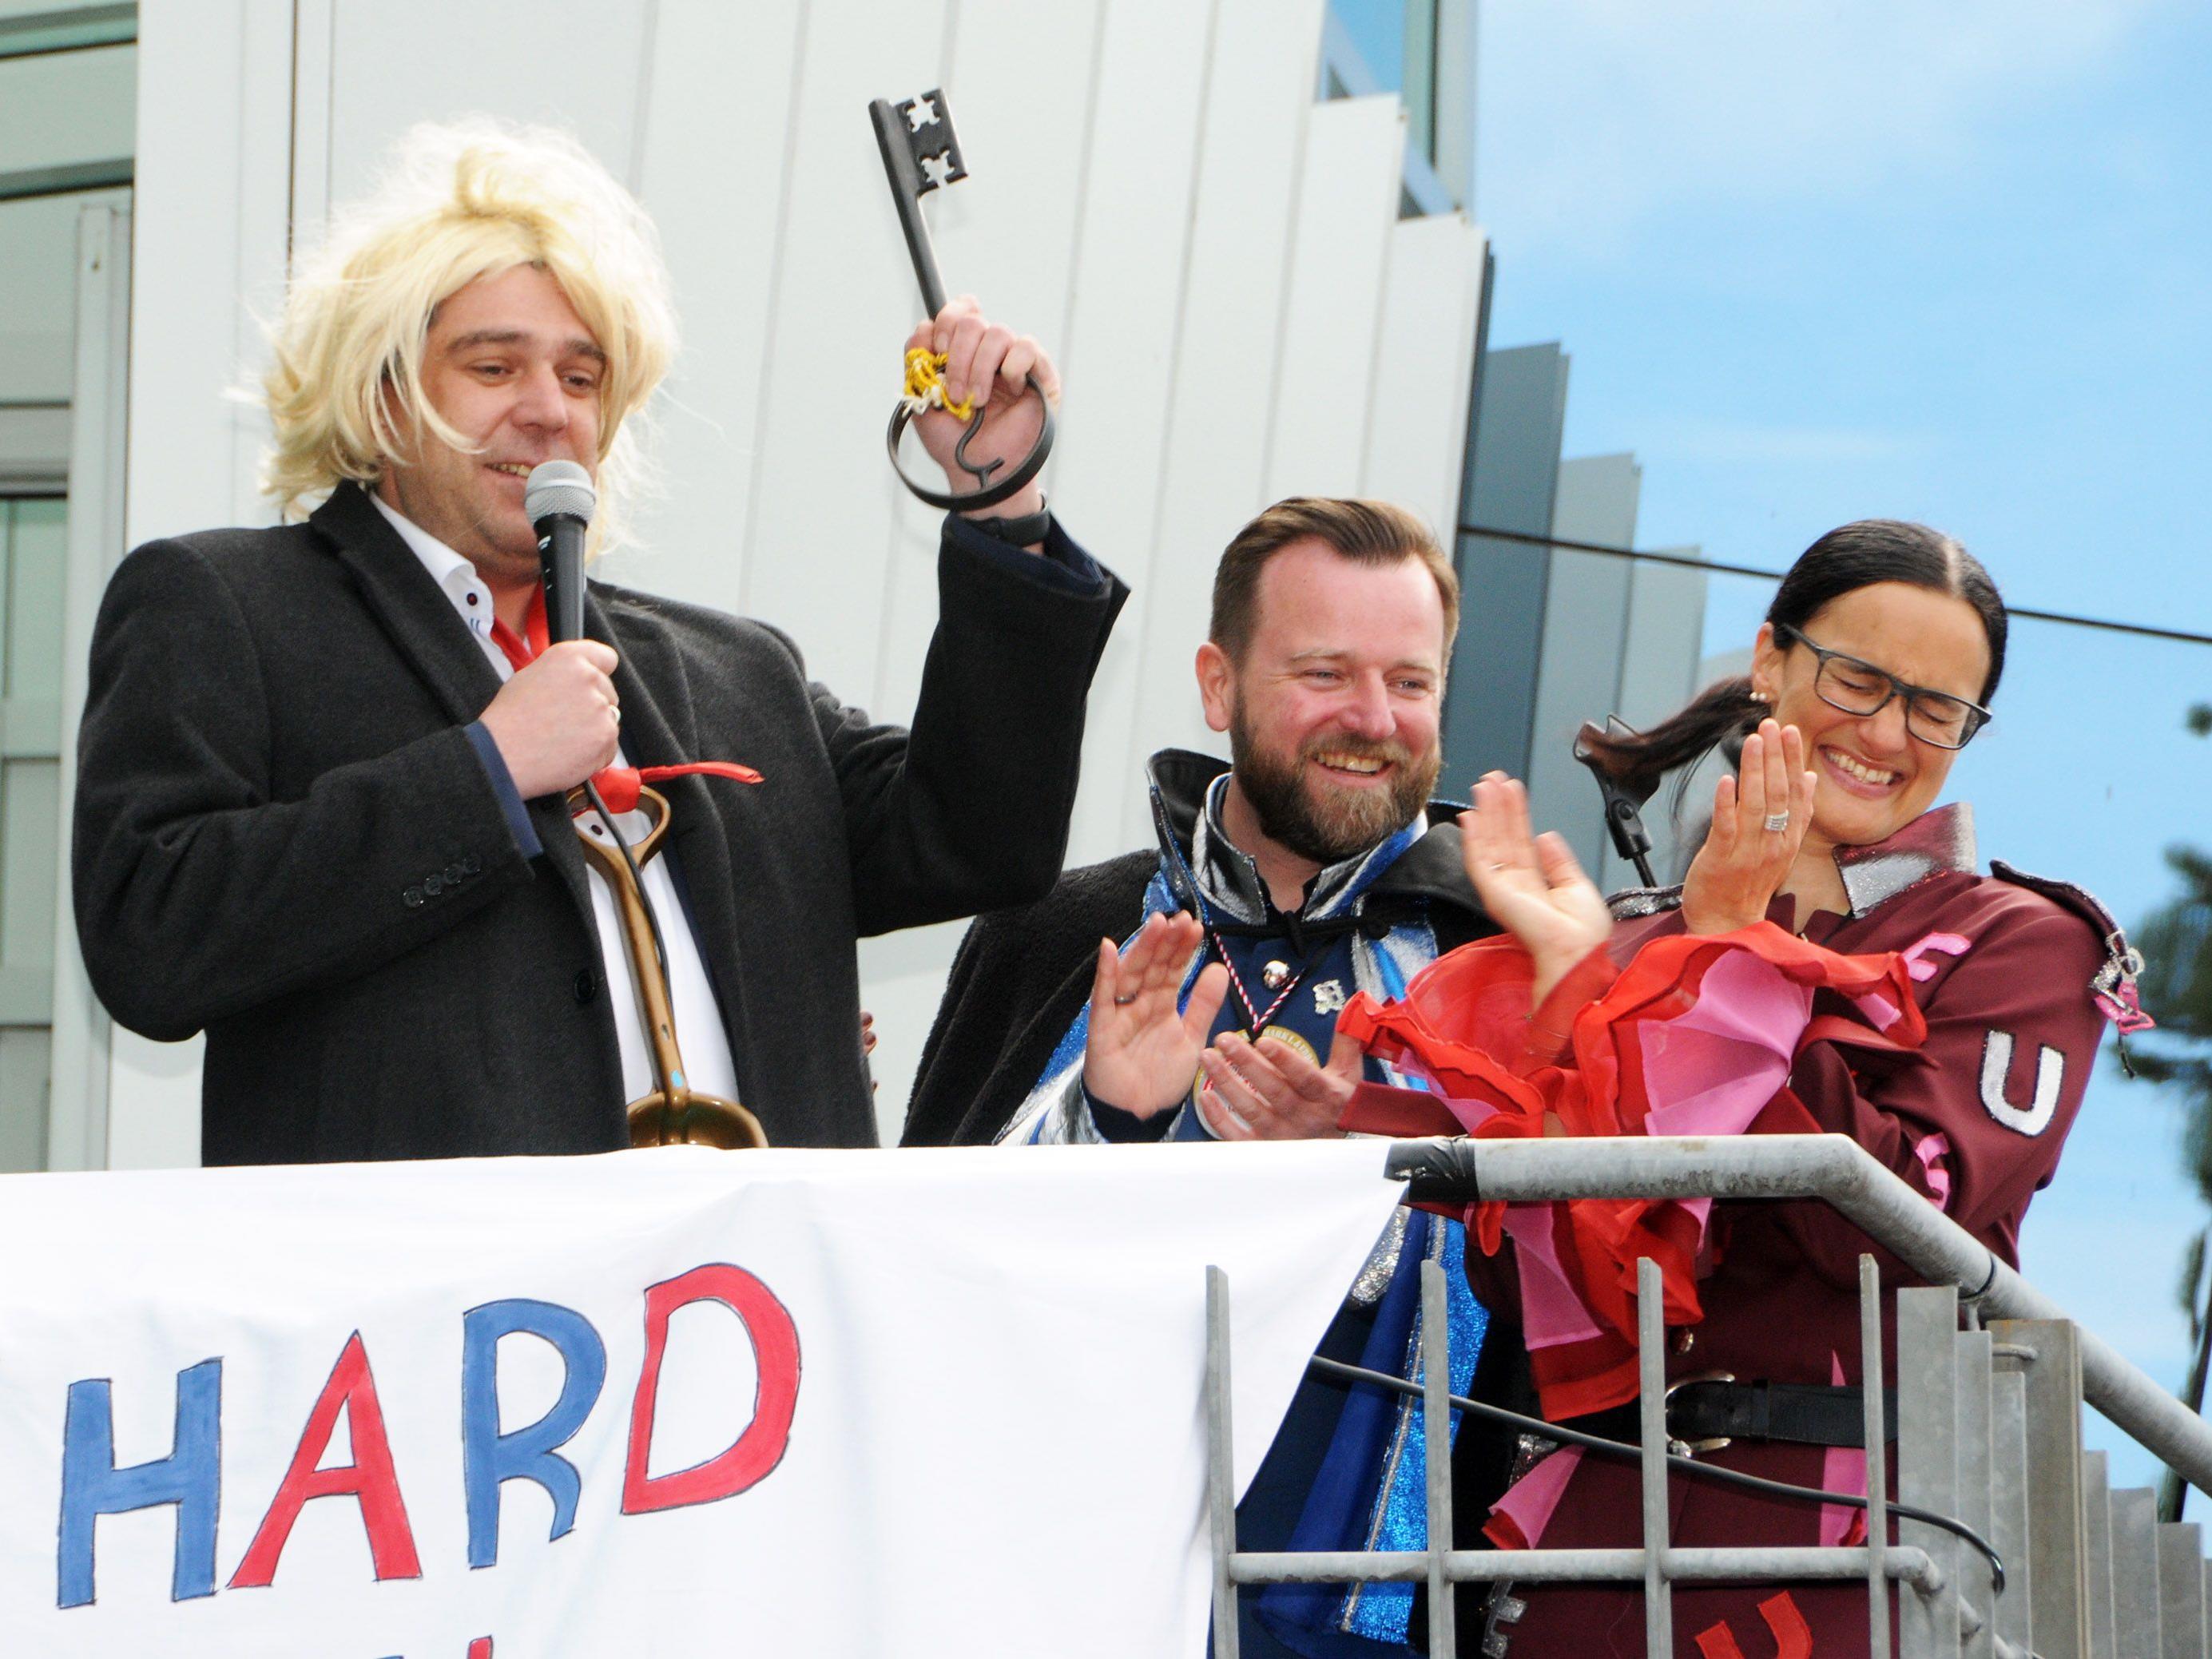 Noch hat der Bürgermeister den Schlüssel in der Hand, Oberwealloruschar Andreas und Wealloruscharin Petra lauern schon.